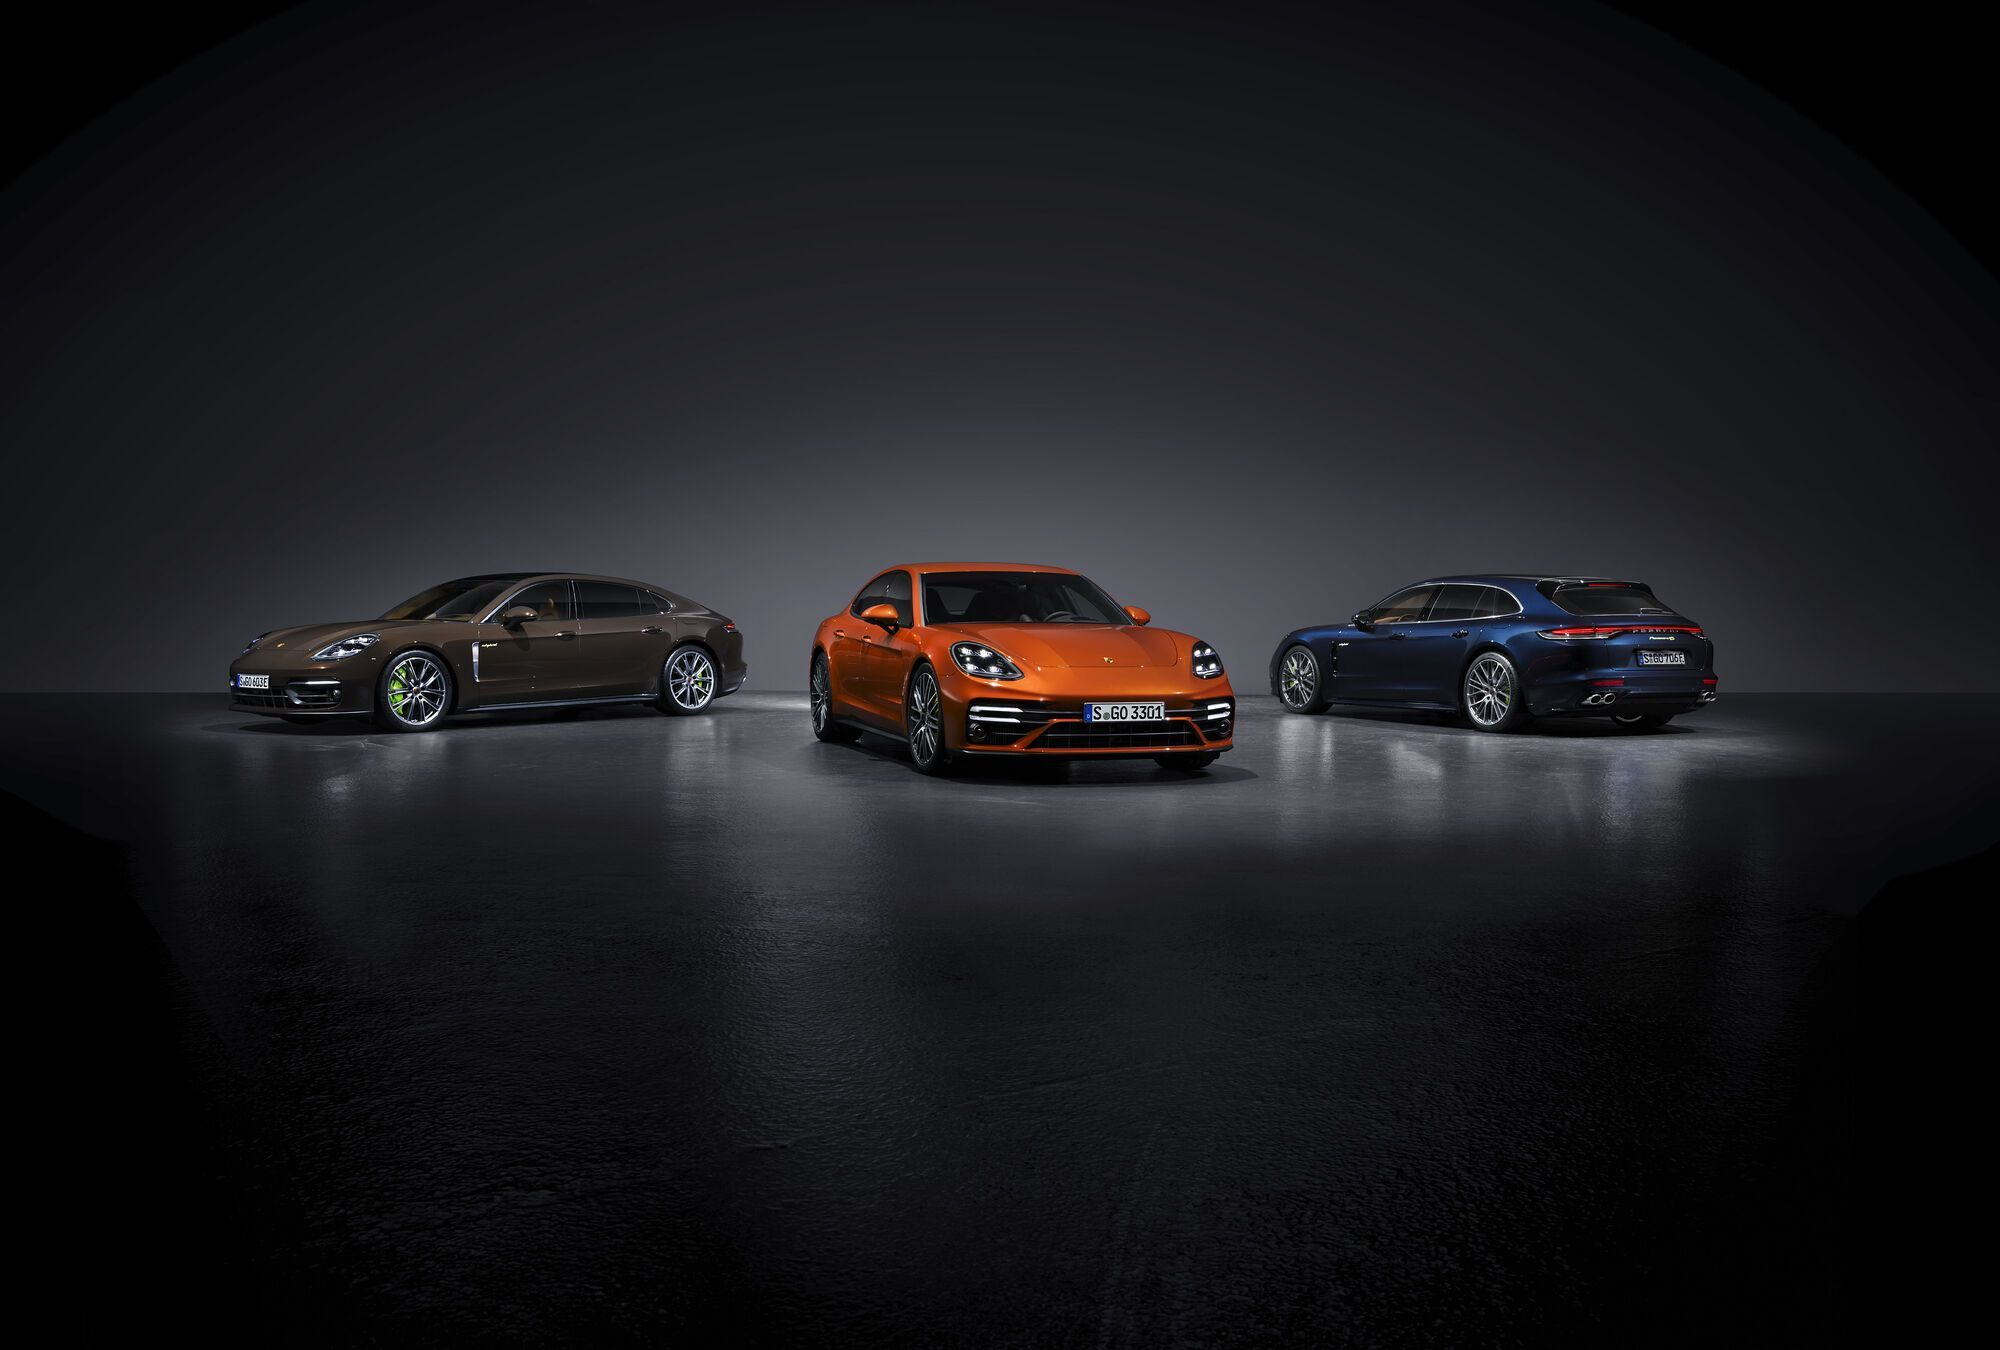 Сімейство Porsche Panamera 2021 модельного року. фото: